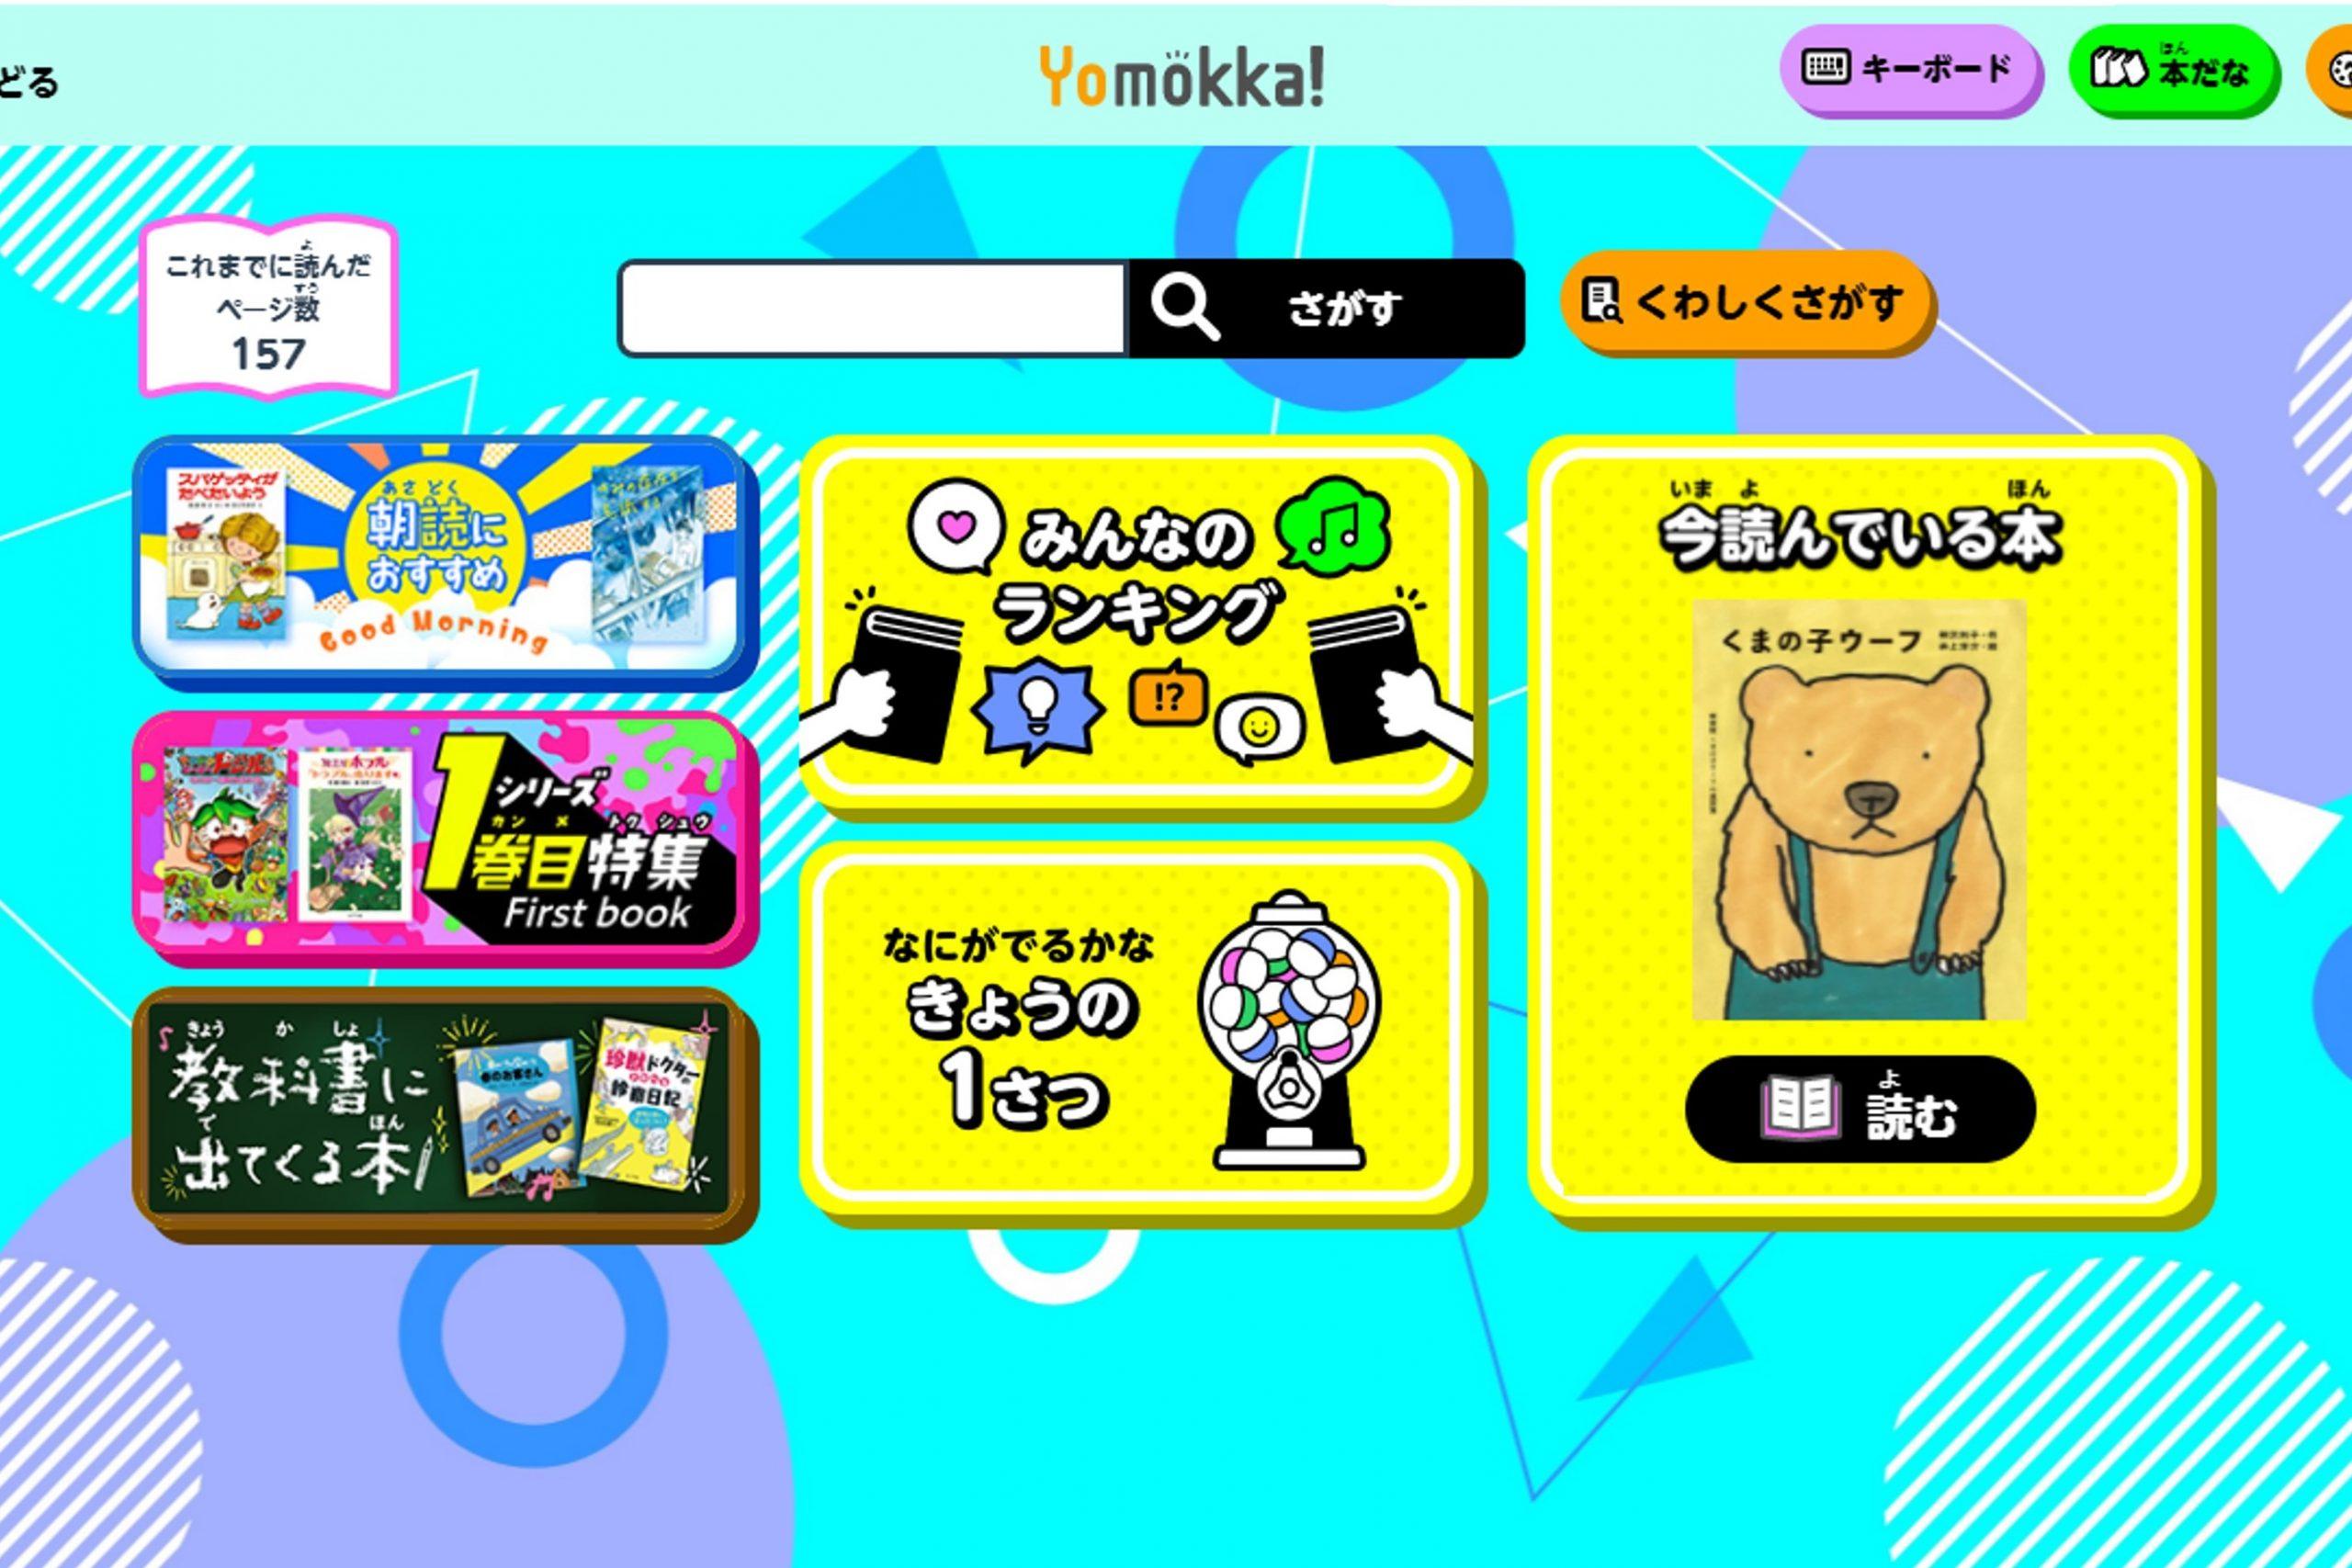 ポプラ社様 小・中学校向け電子書籍読み放題サービス「Yomokka!(よもっか!)」開発